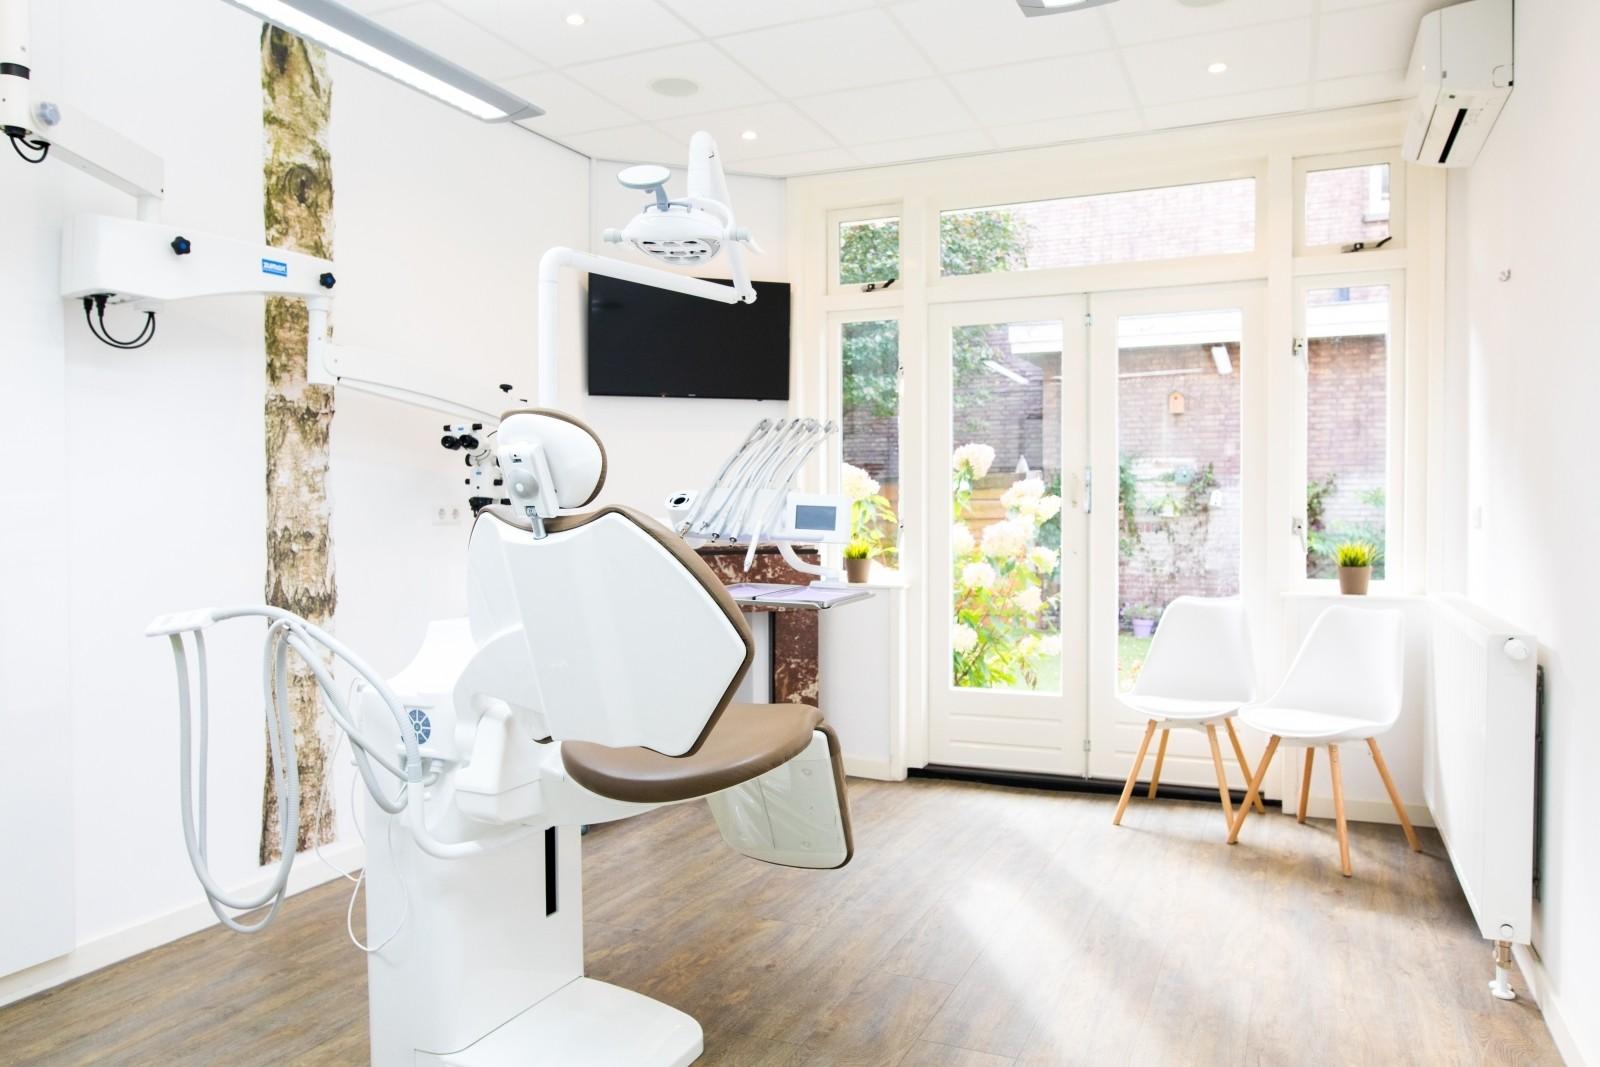 Behandelkamer bij de Haagse Tandarts. Tandartspraktijk in Den Haag – Benoordenhout.